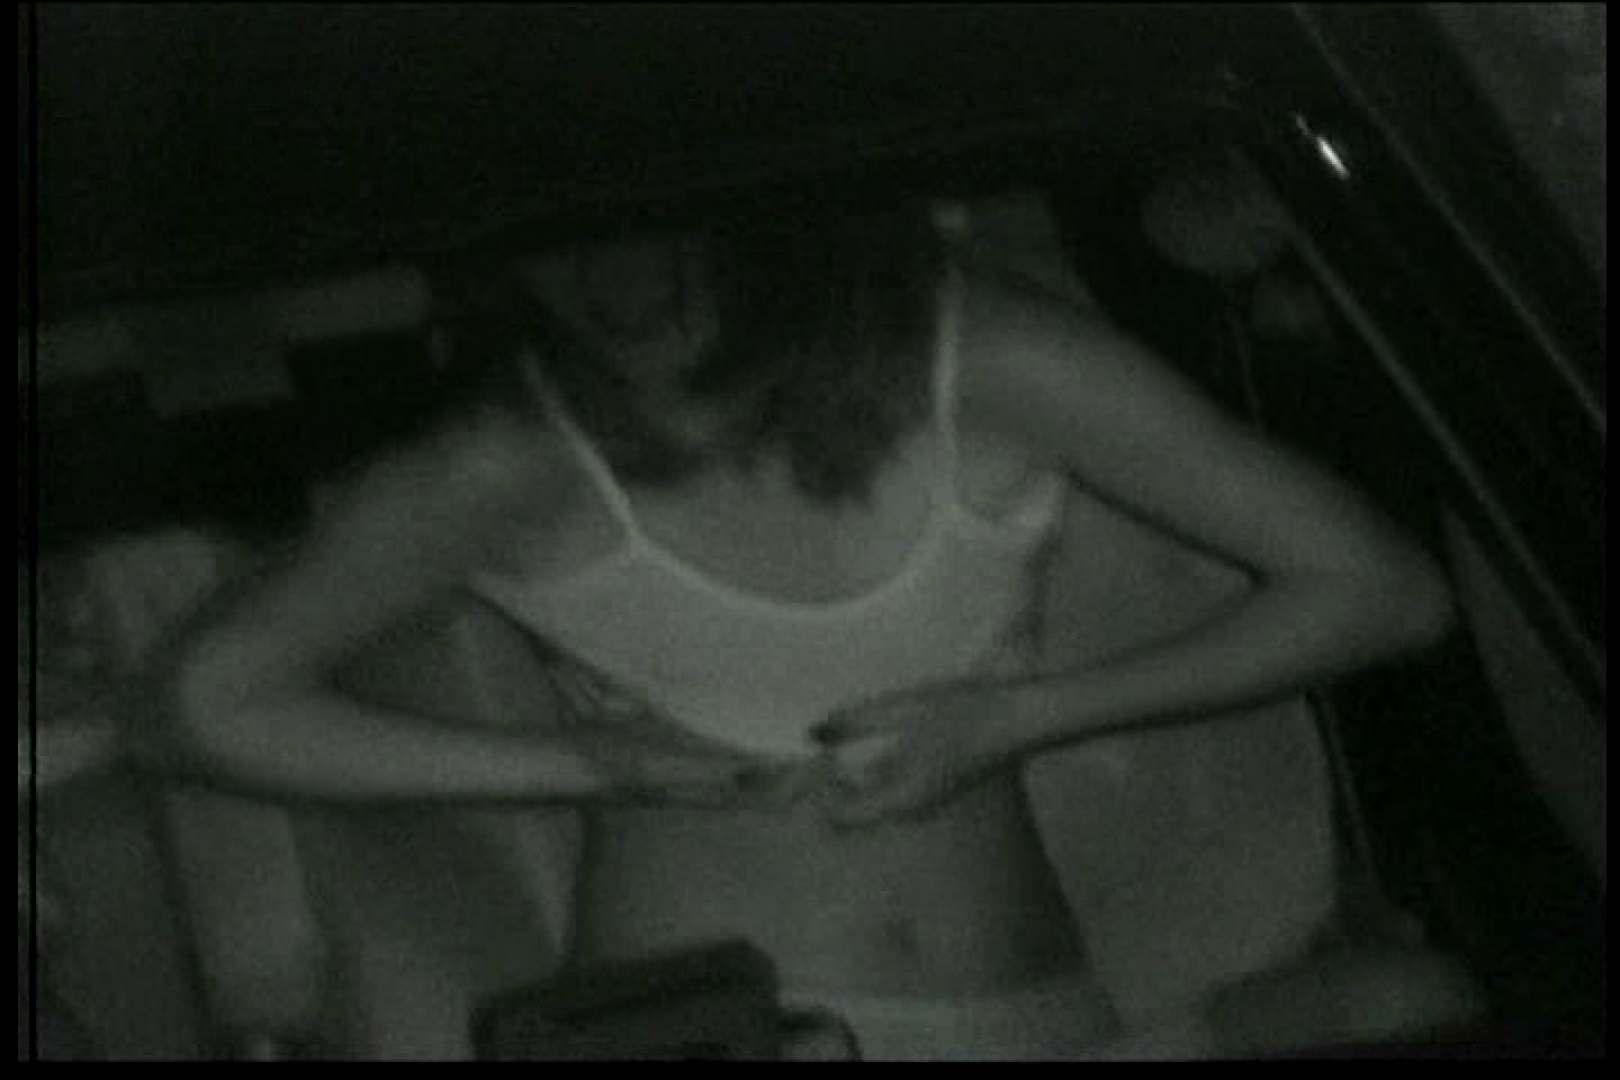 車の中はラブホテル 無修正版  Vol.13 マンコ エロ画像 64画像 10